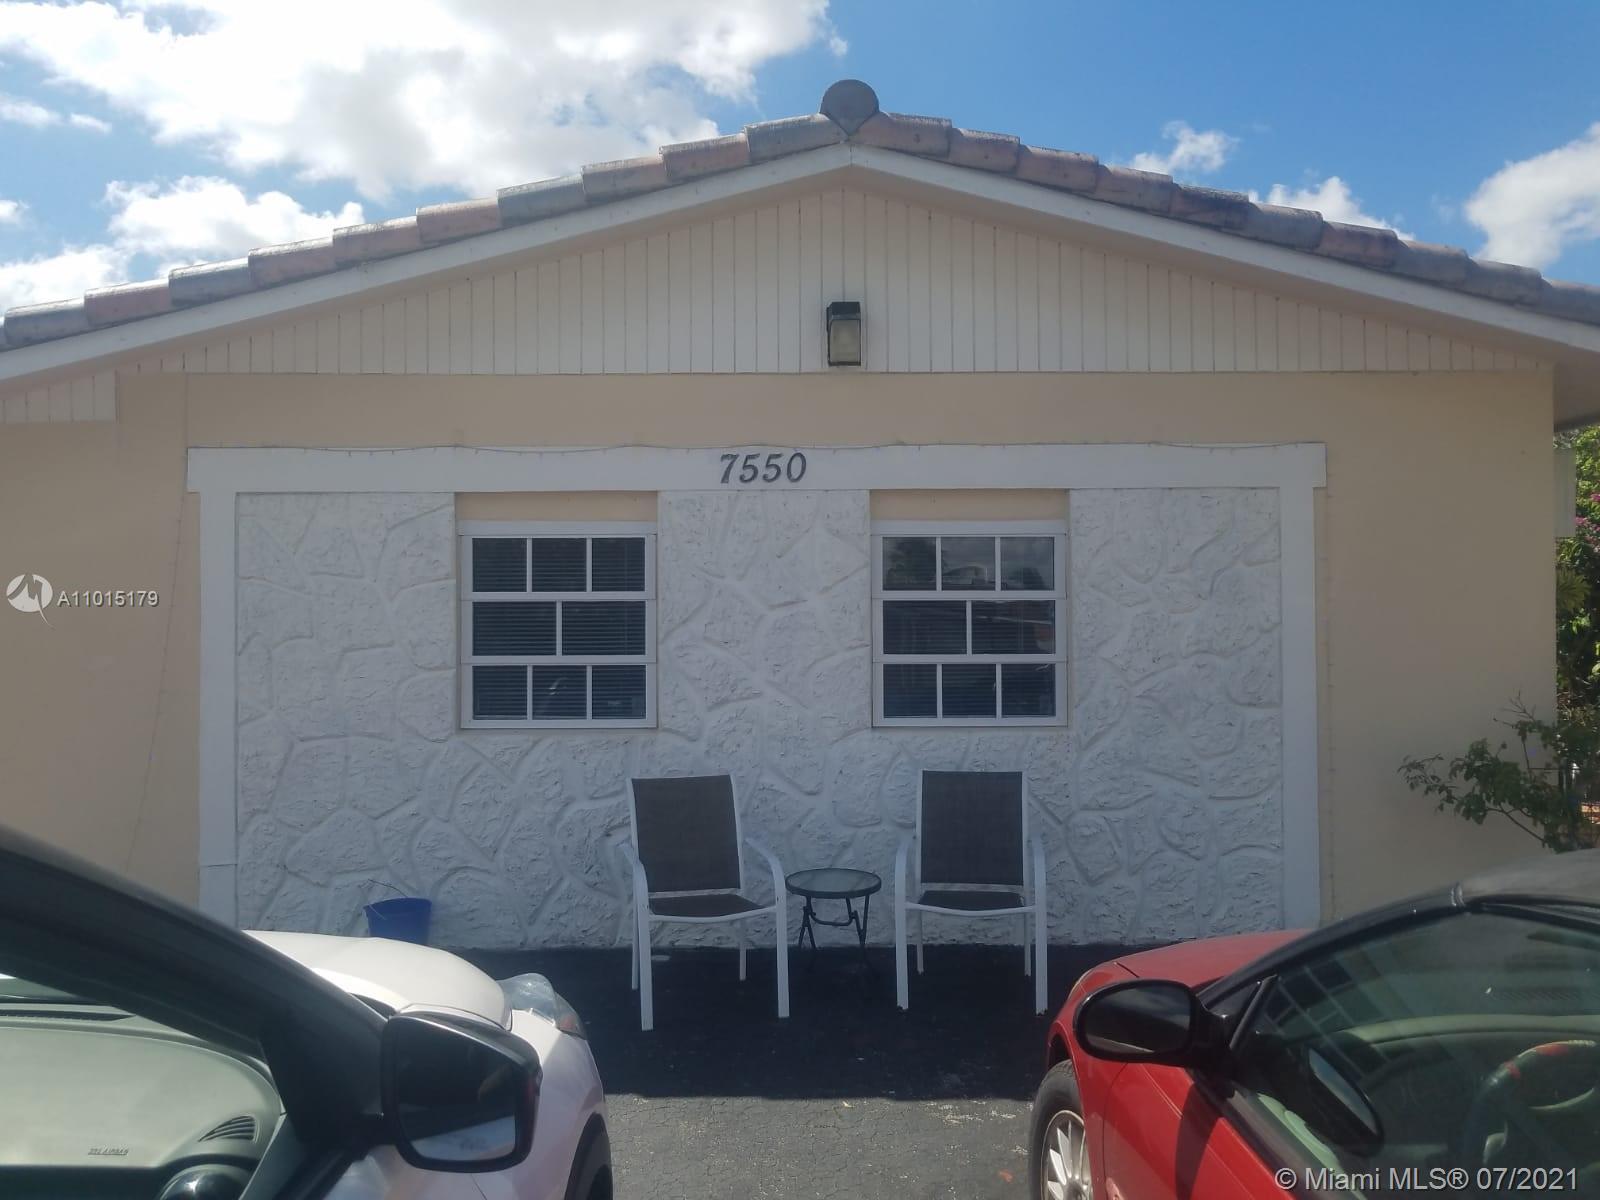 Winston Park - 7550 SW 133rd Ave, Miami, FL 33183